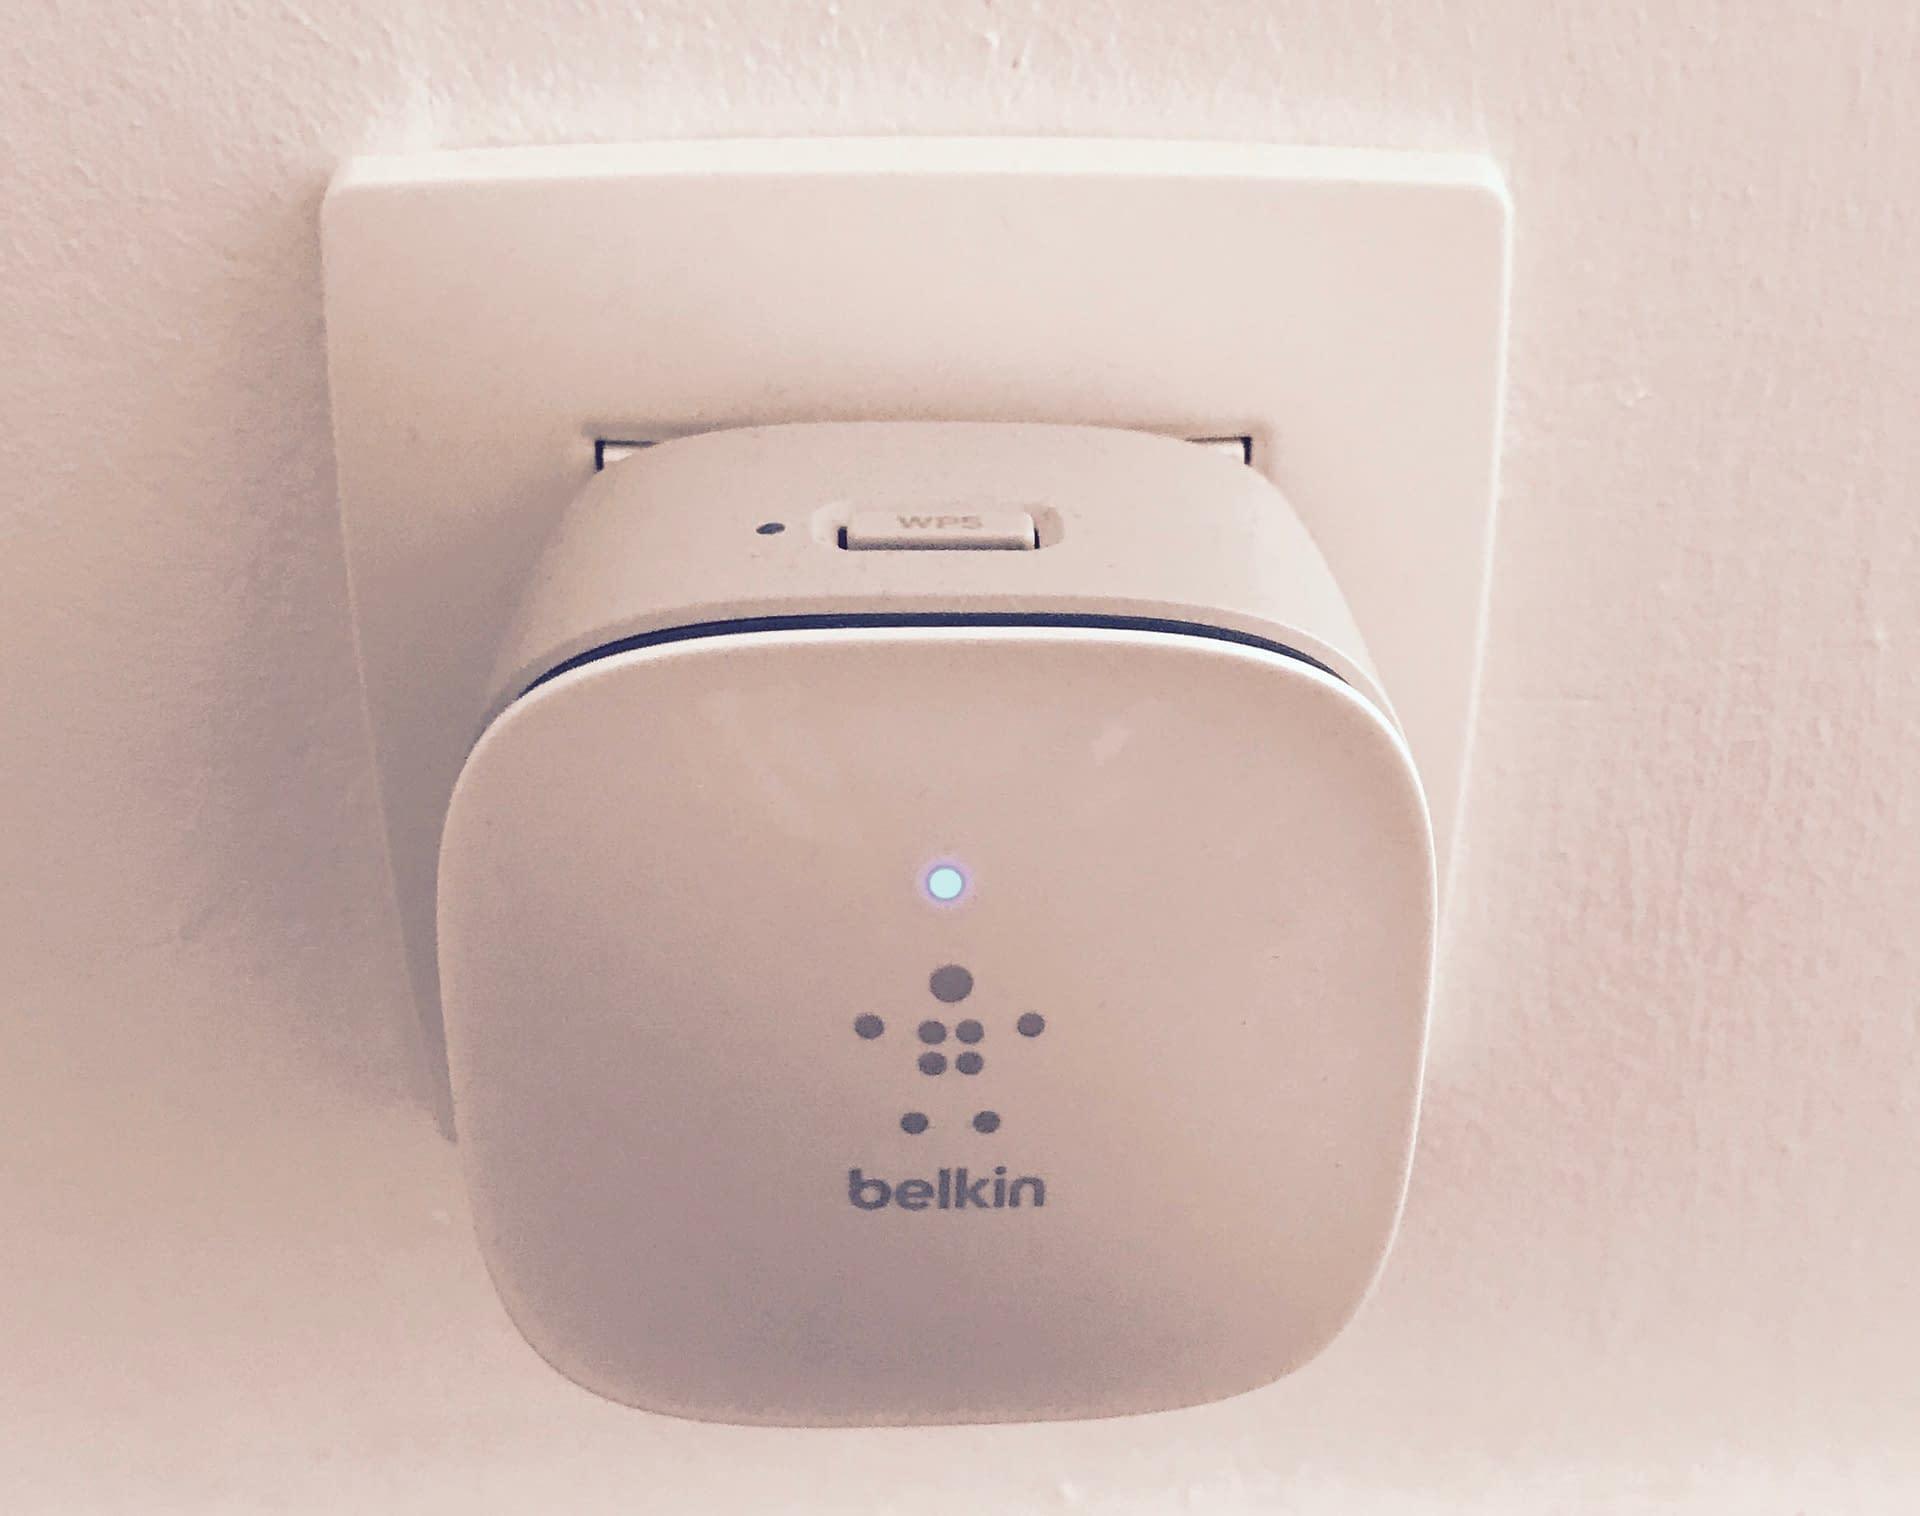 Belkin wifi repeater test F9K1015az